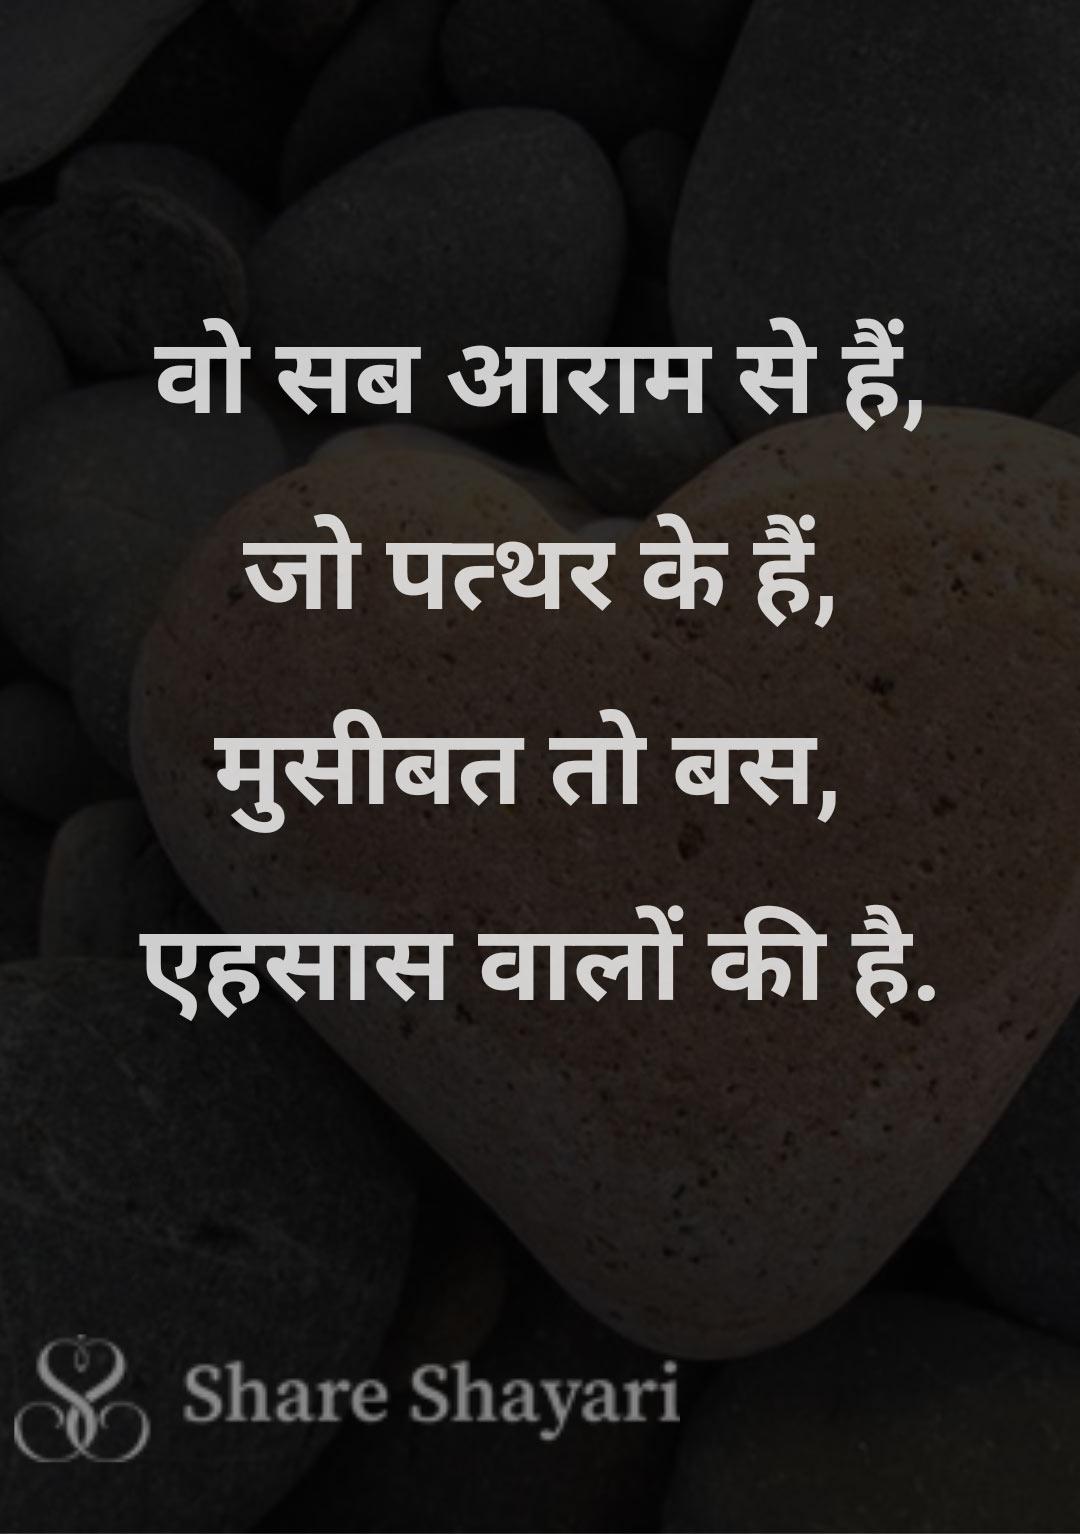 Wo-sab-aaram-se-hai-jo-patthar-ke-hai